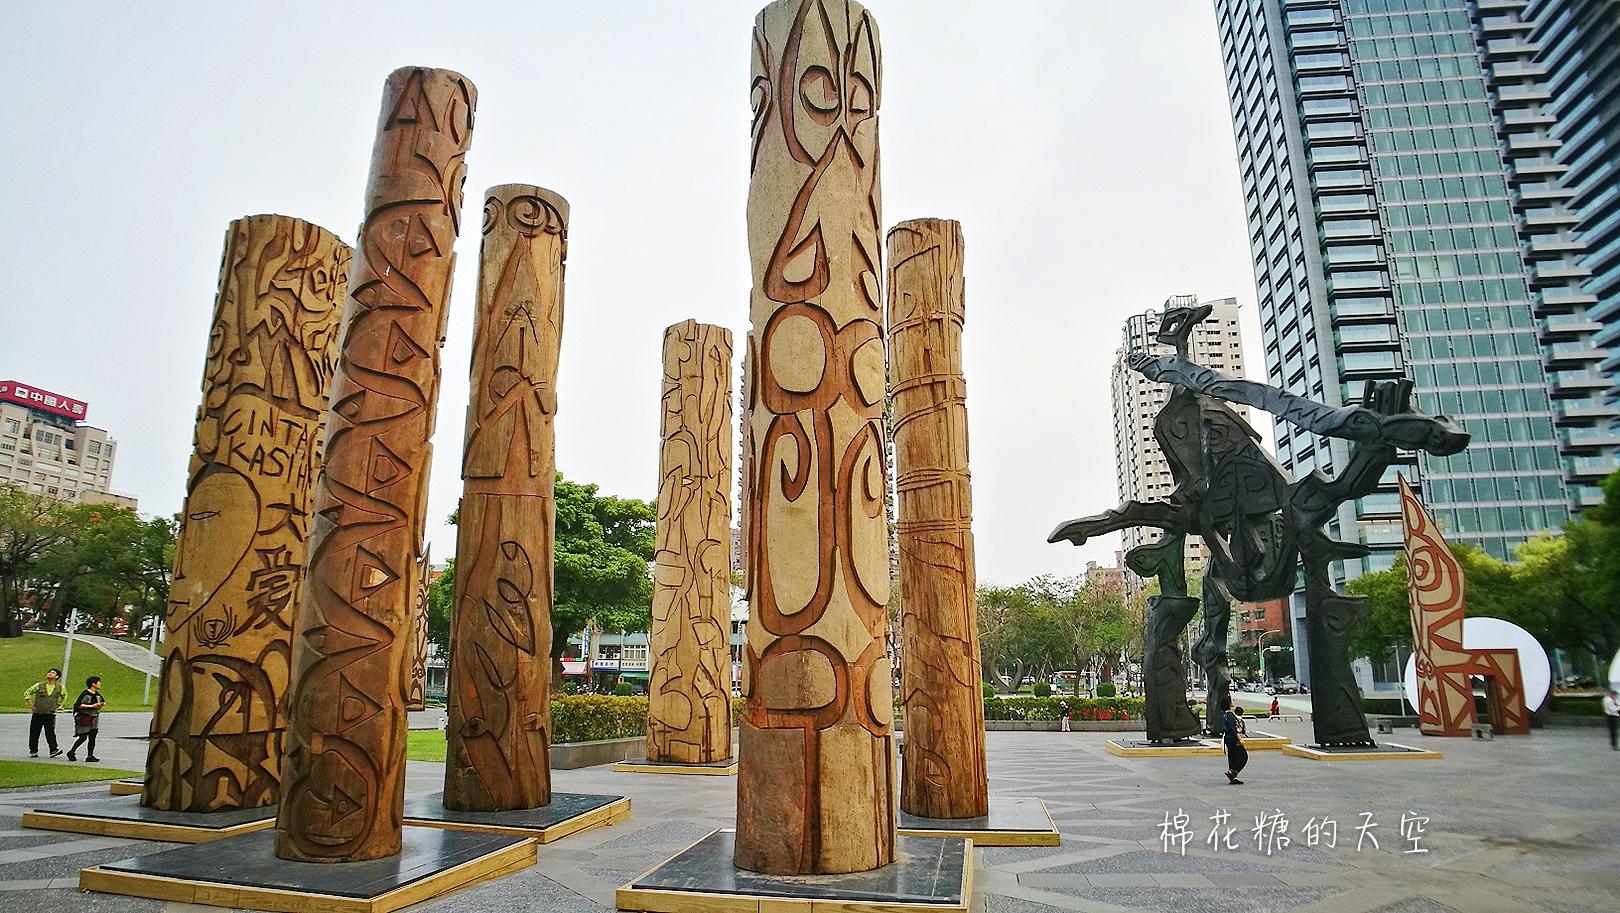 國立美術館被外星人佔據了?!五層樓高巨型雕塑被巨木圍繞好像電影場景!吳炫三回顧展